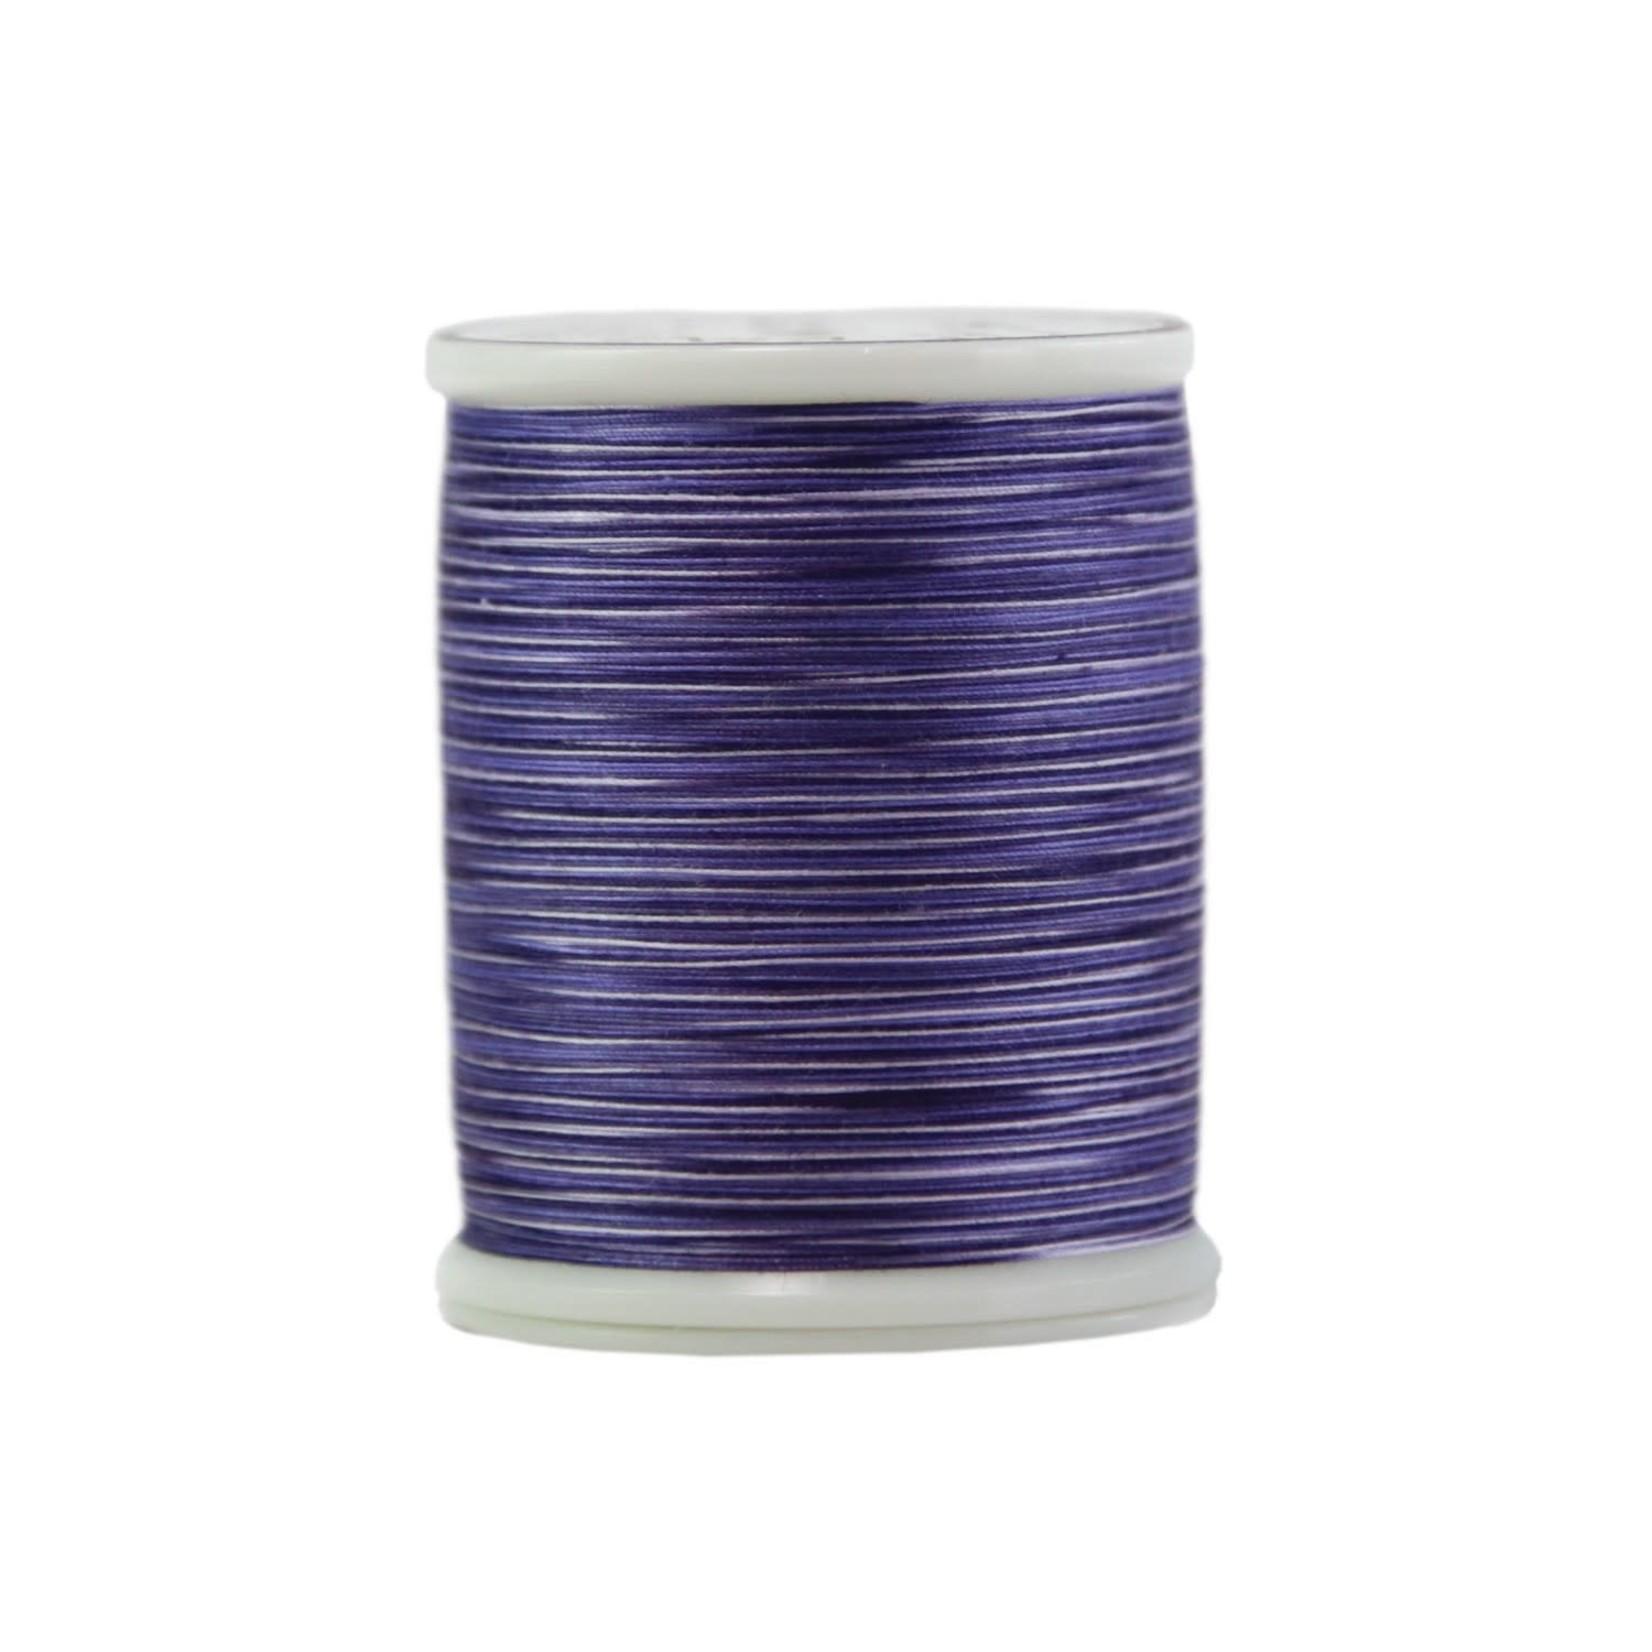 Superior Threads King Tut - #40 - 457 m - 1052 Martha's Vineyard